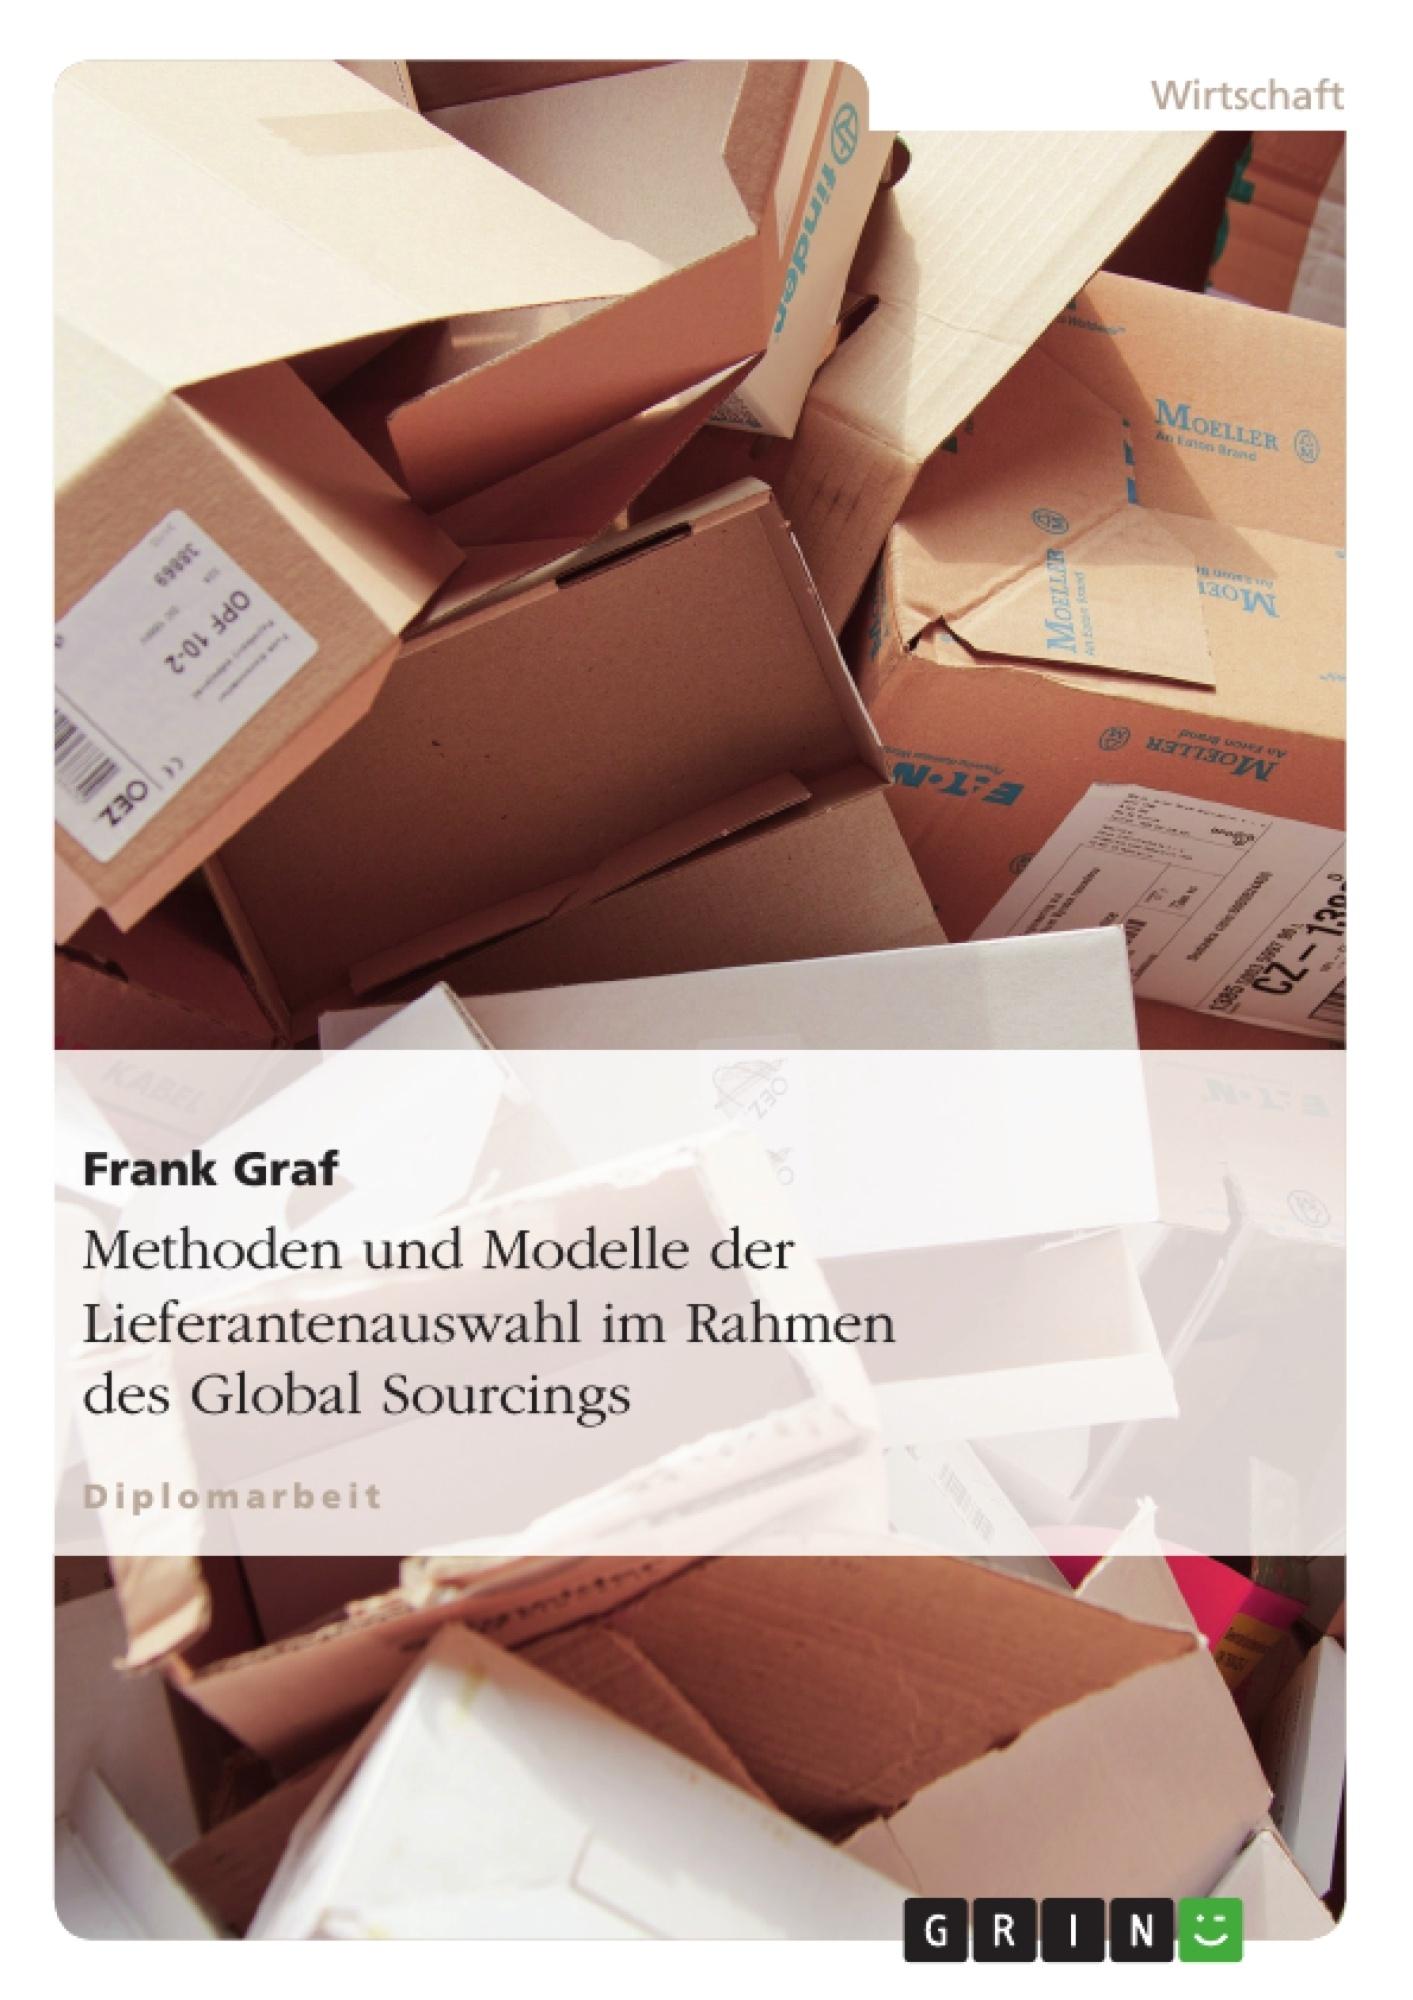 Titel: Methoden und Modelle der Lieferantenauswahl im Rahmen des Global Sourcings